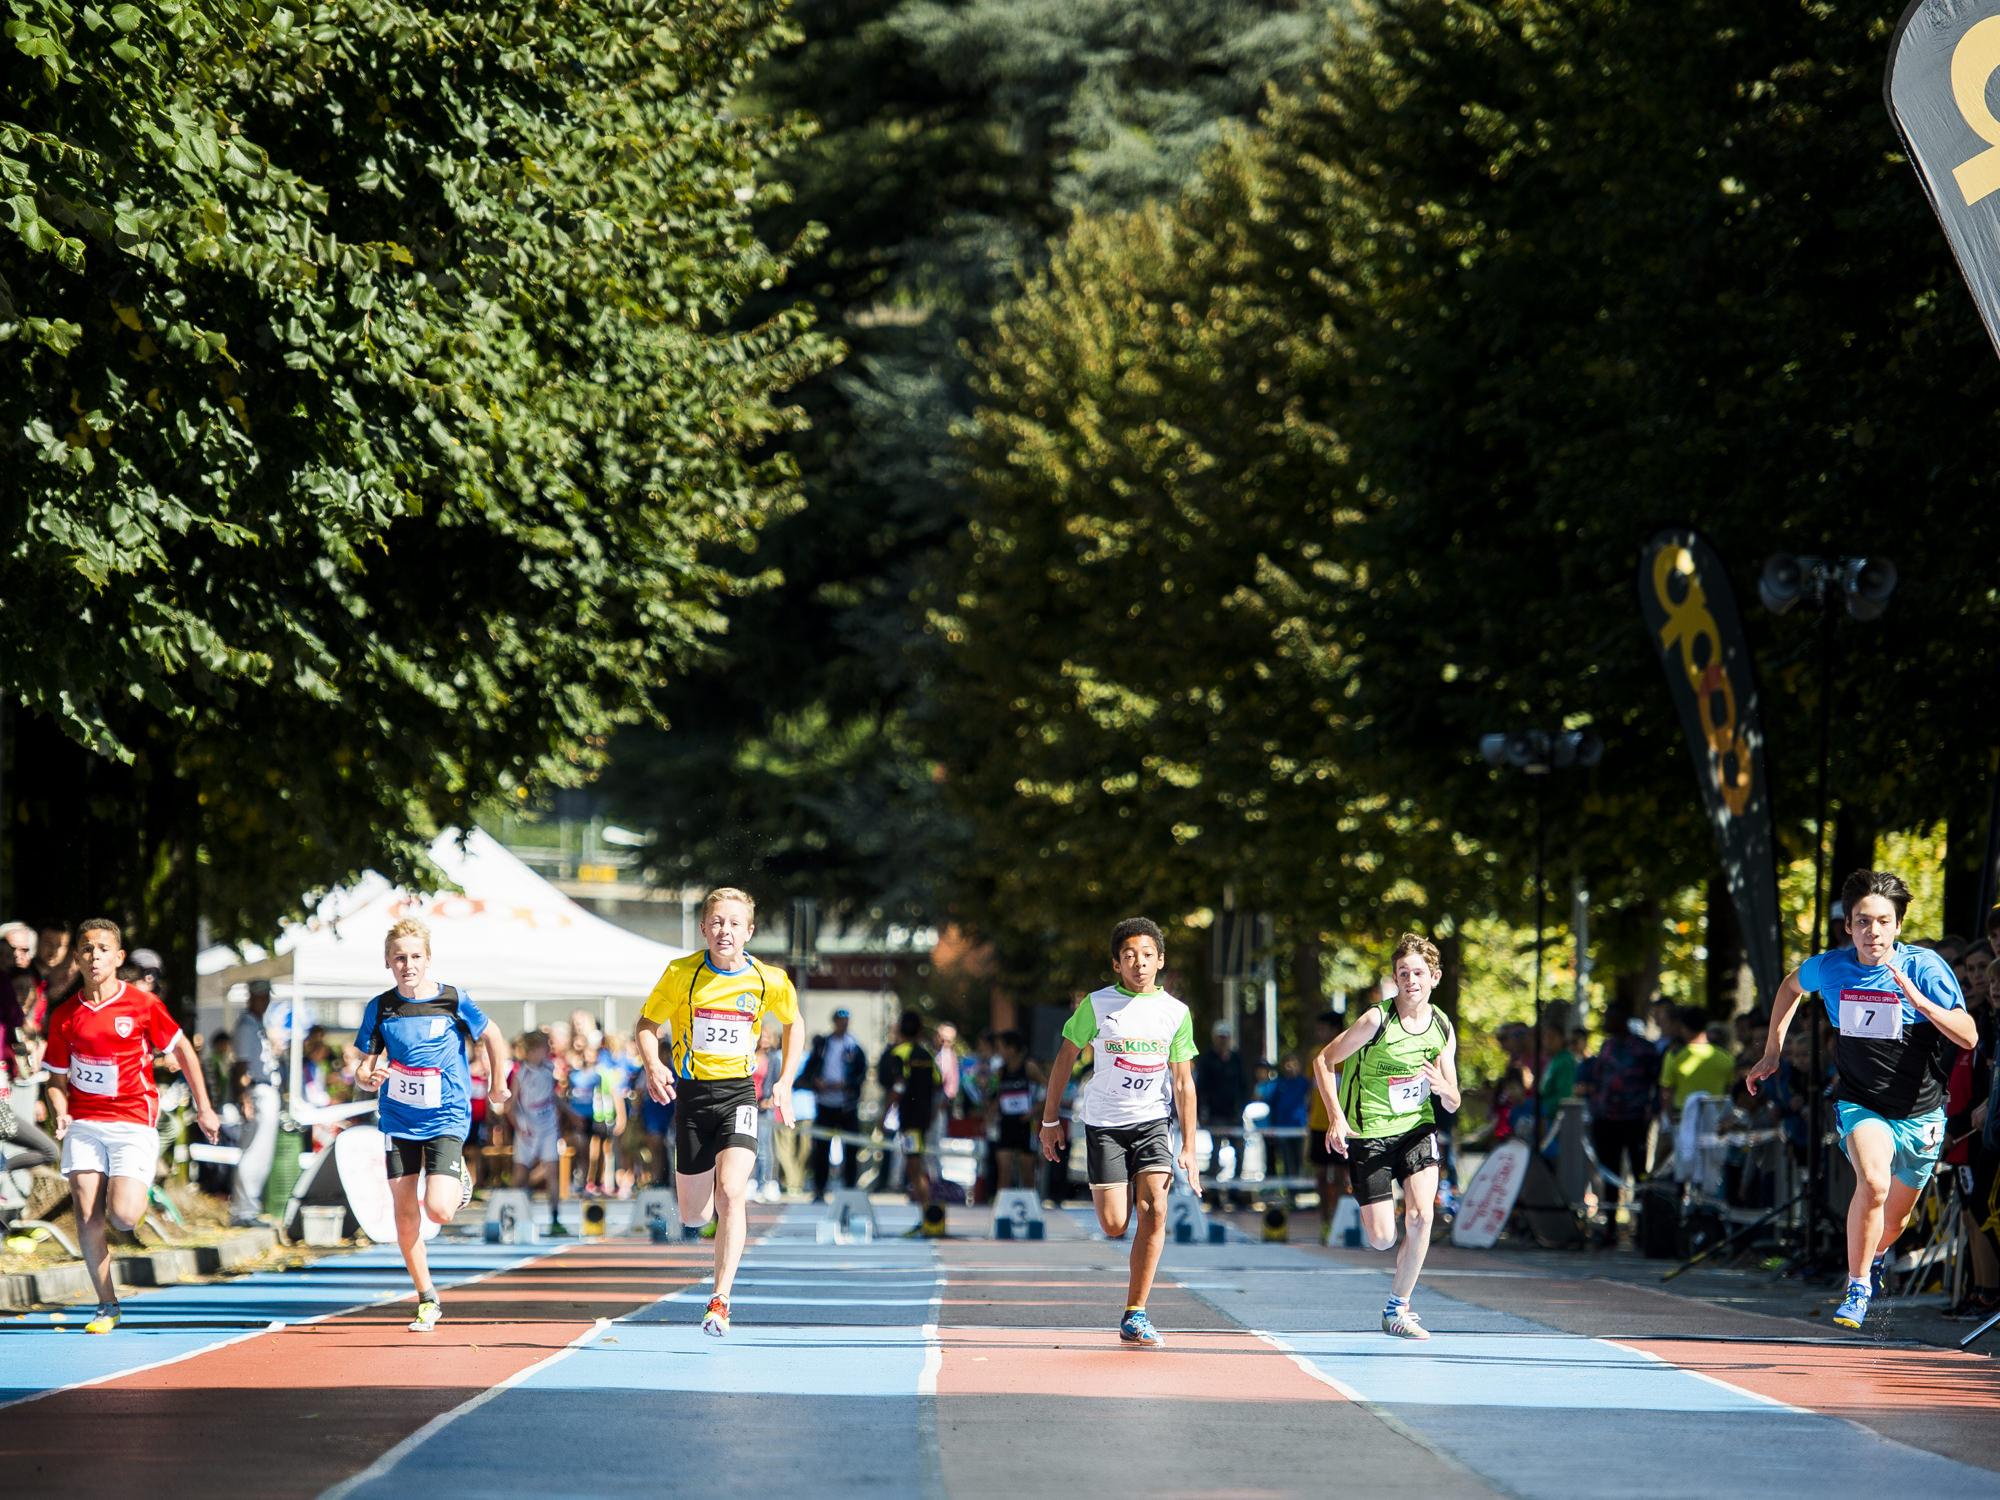 Weber Robbie, Buetzberger Gian, Fournier Justin, Trachsel Leon, Aschwanden Lukas, Ohara Motta Miguel beim Swiss Athletics Sprintfinal 2017 in Ciasso am 17. September 2017